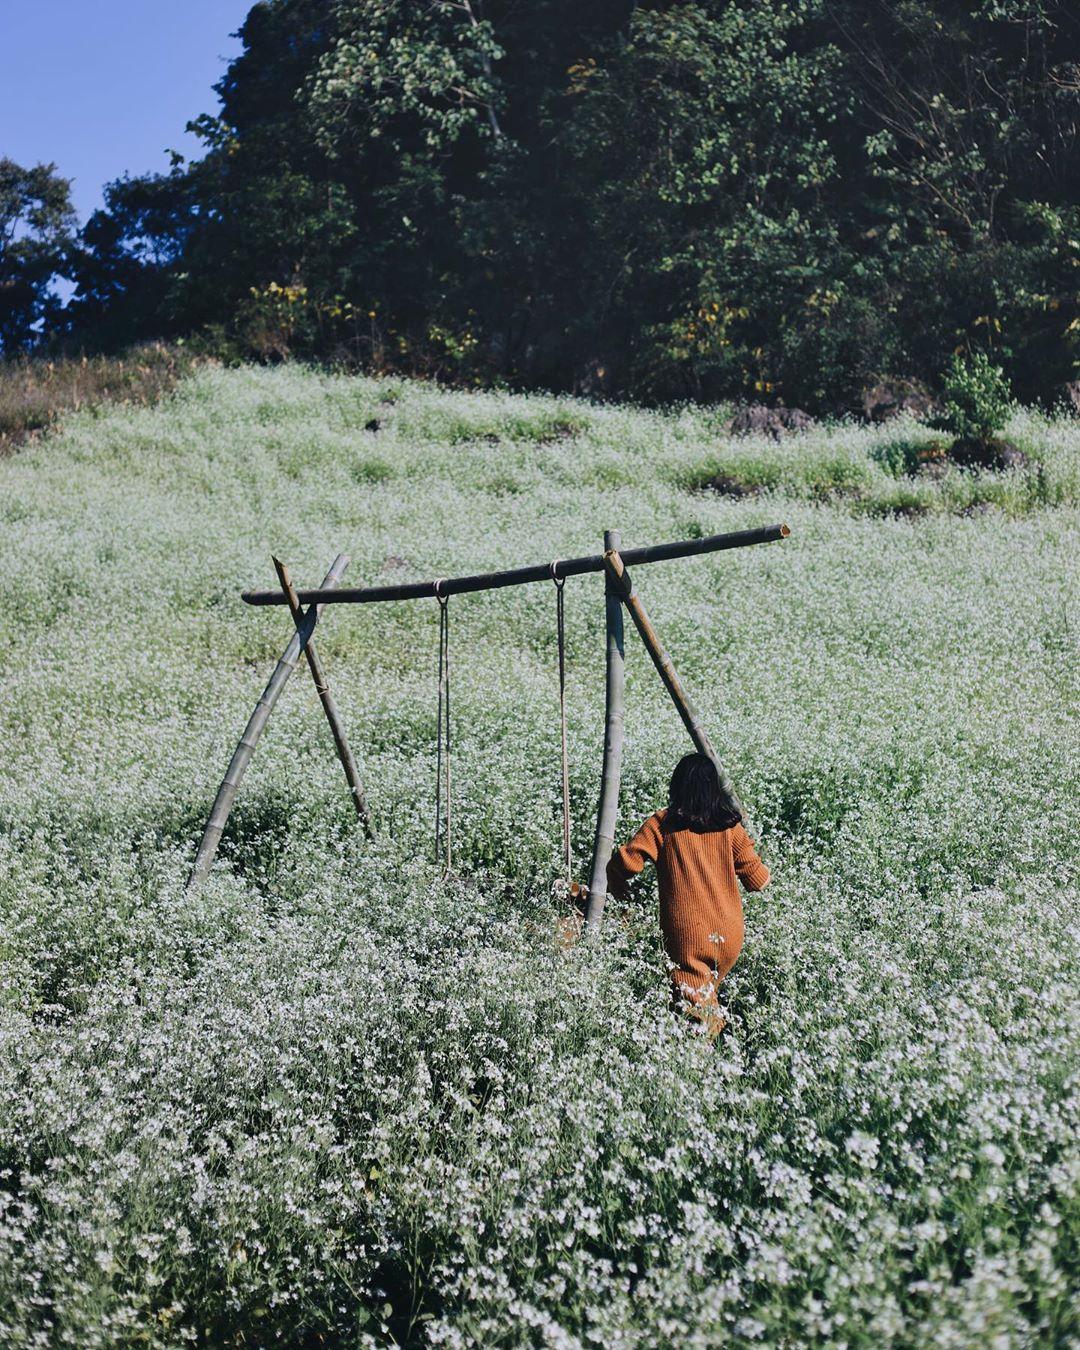 Mộc Châu ở đâu? Tìm về mảnh đất rực rỡ sắc hoa suốt bốn mùa - Ảnh 6.